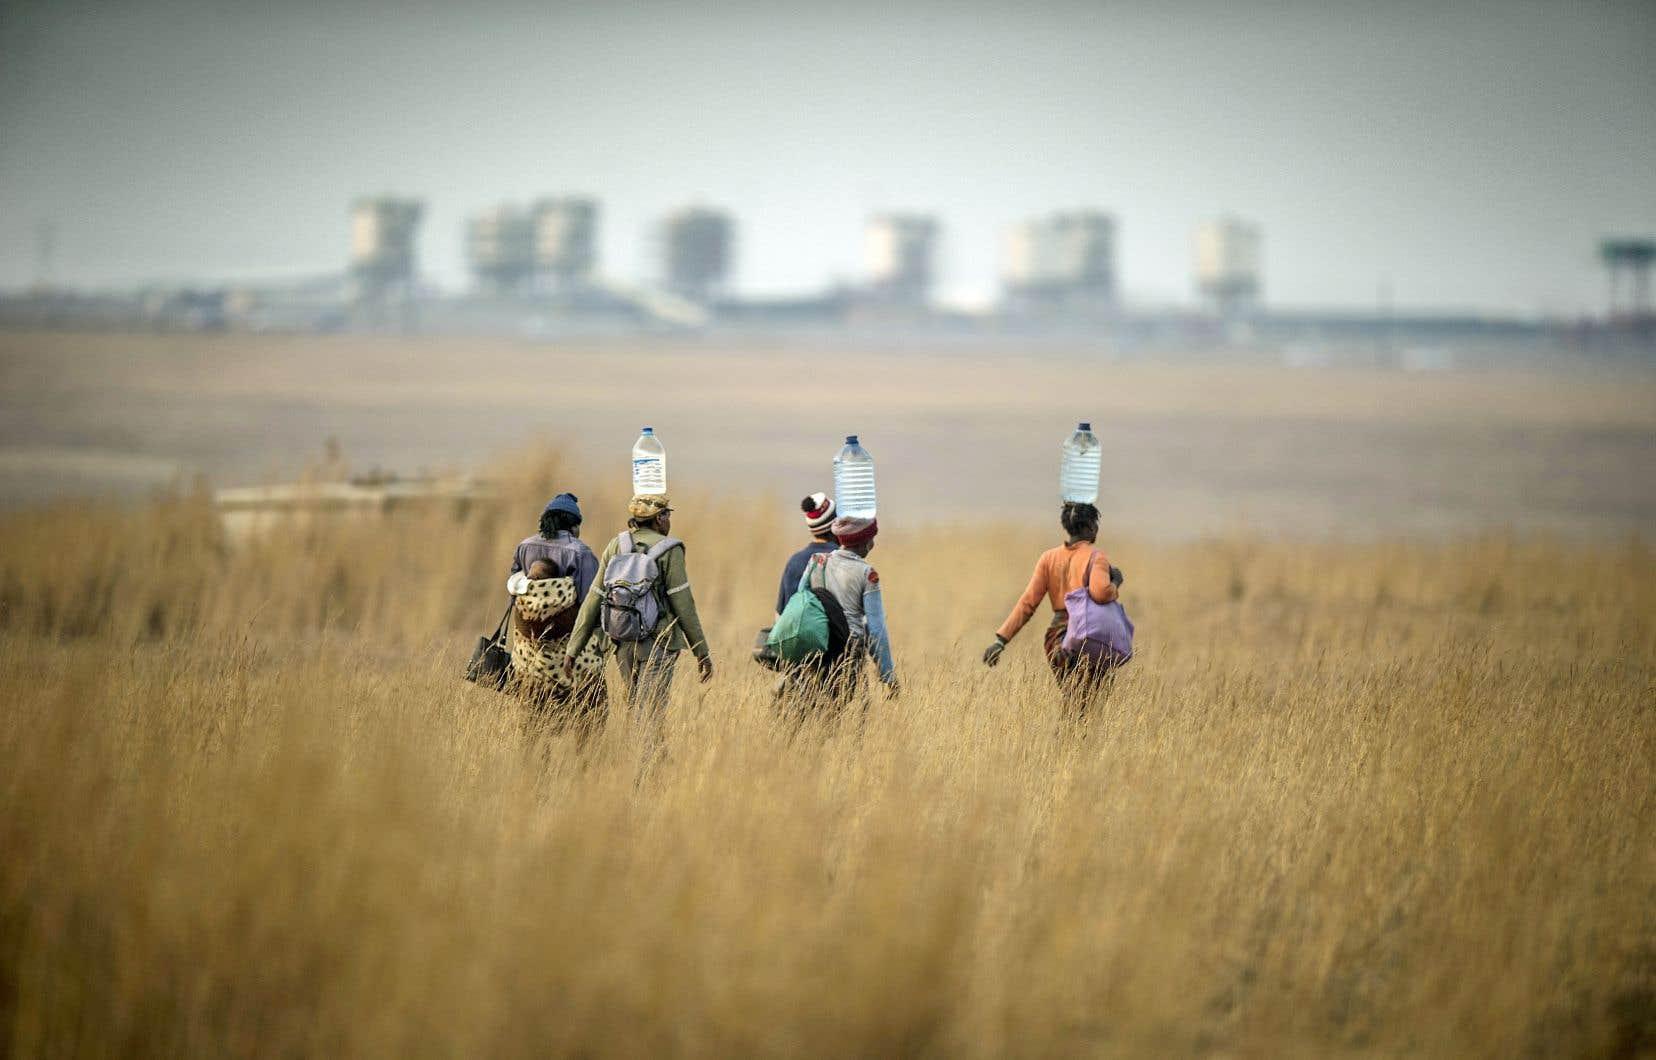 À Segunda, en Afrique du Sud, des femmes transportent de l'eau. Les femmes sont aux premières loges des impacts de plus en plus concrets des sécheresses, des phénomènes climatiques extrêmes, de la désertification ou alors de la raréfaction des ressources.